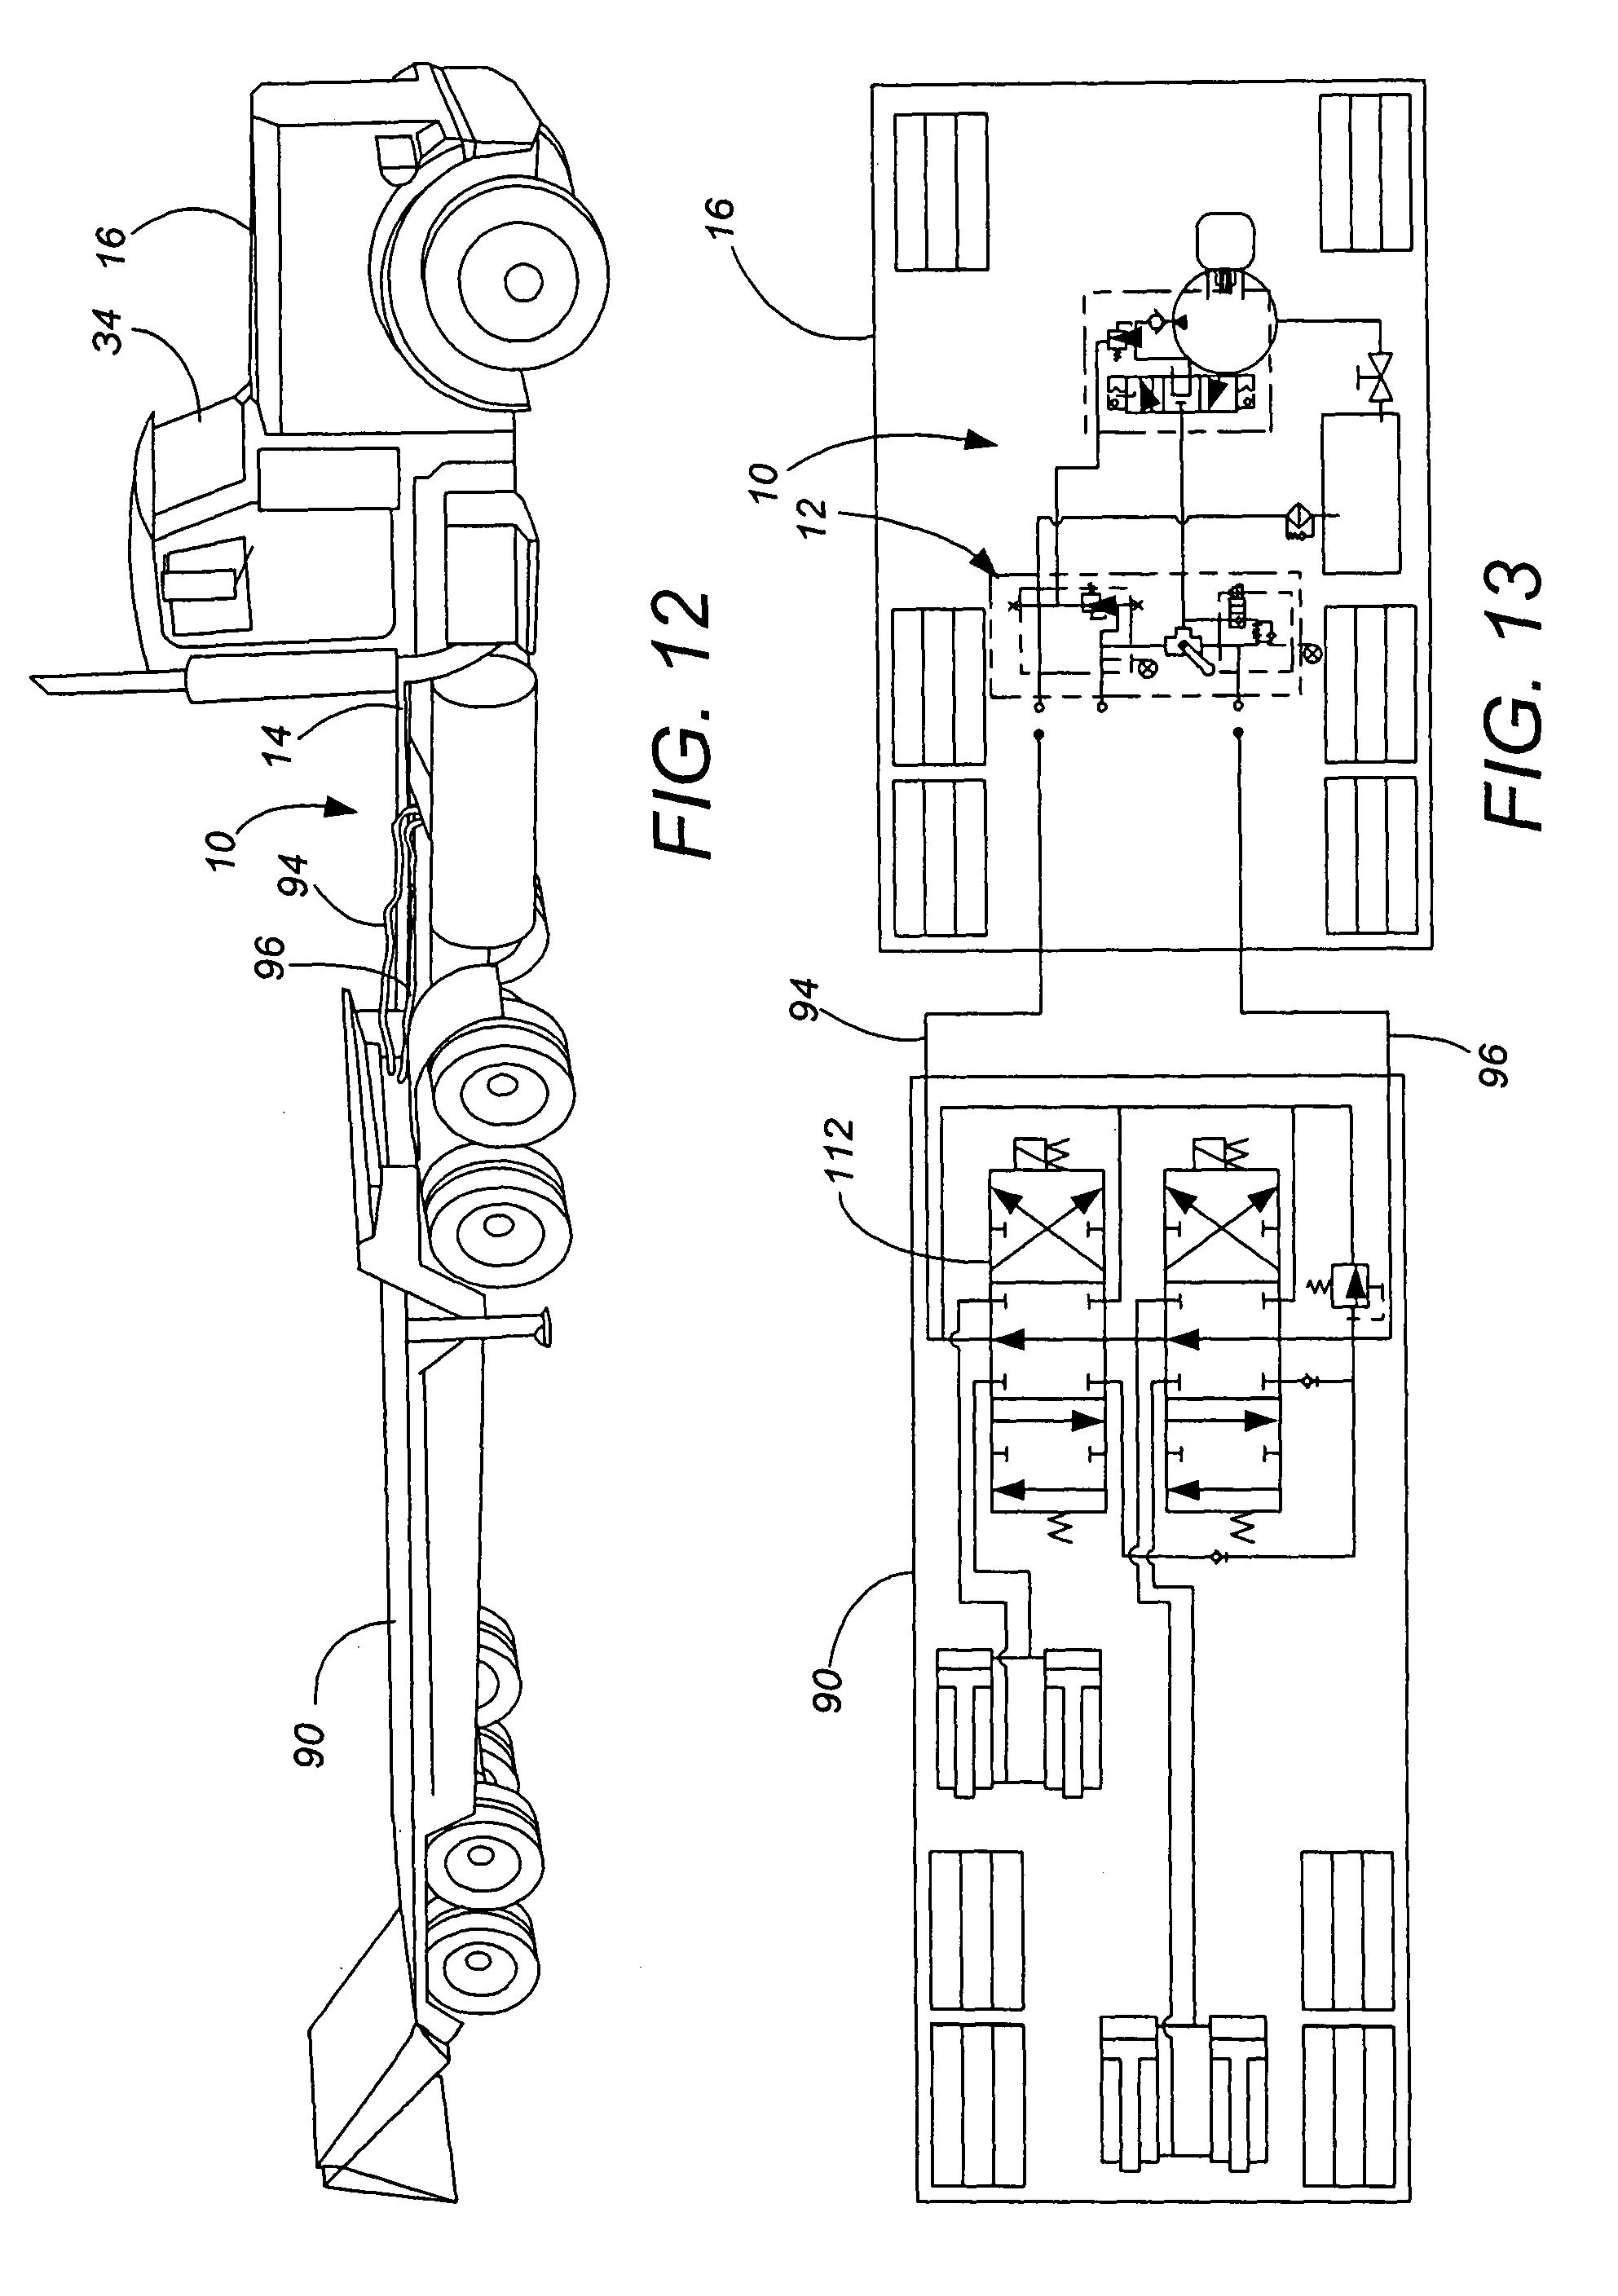 Patent Us7913713 - Combination Wet Kit